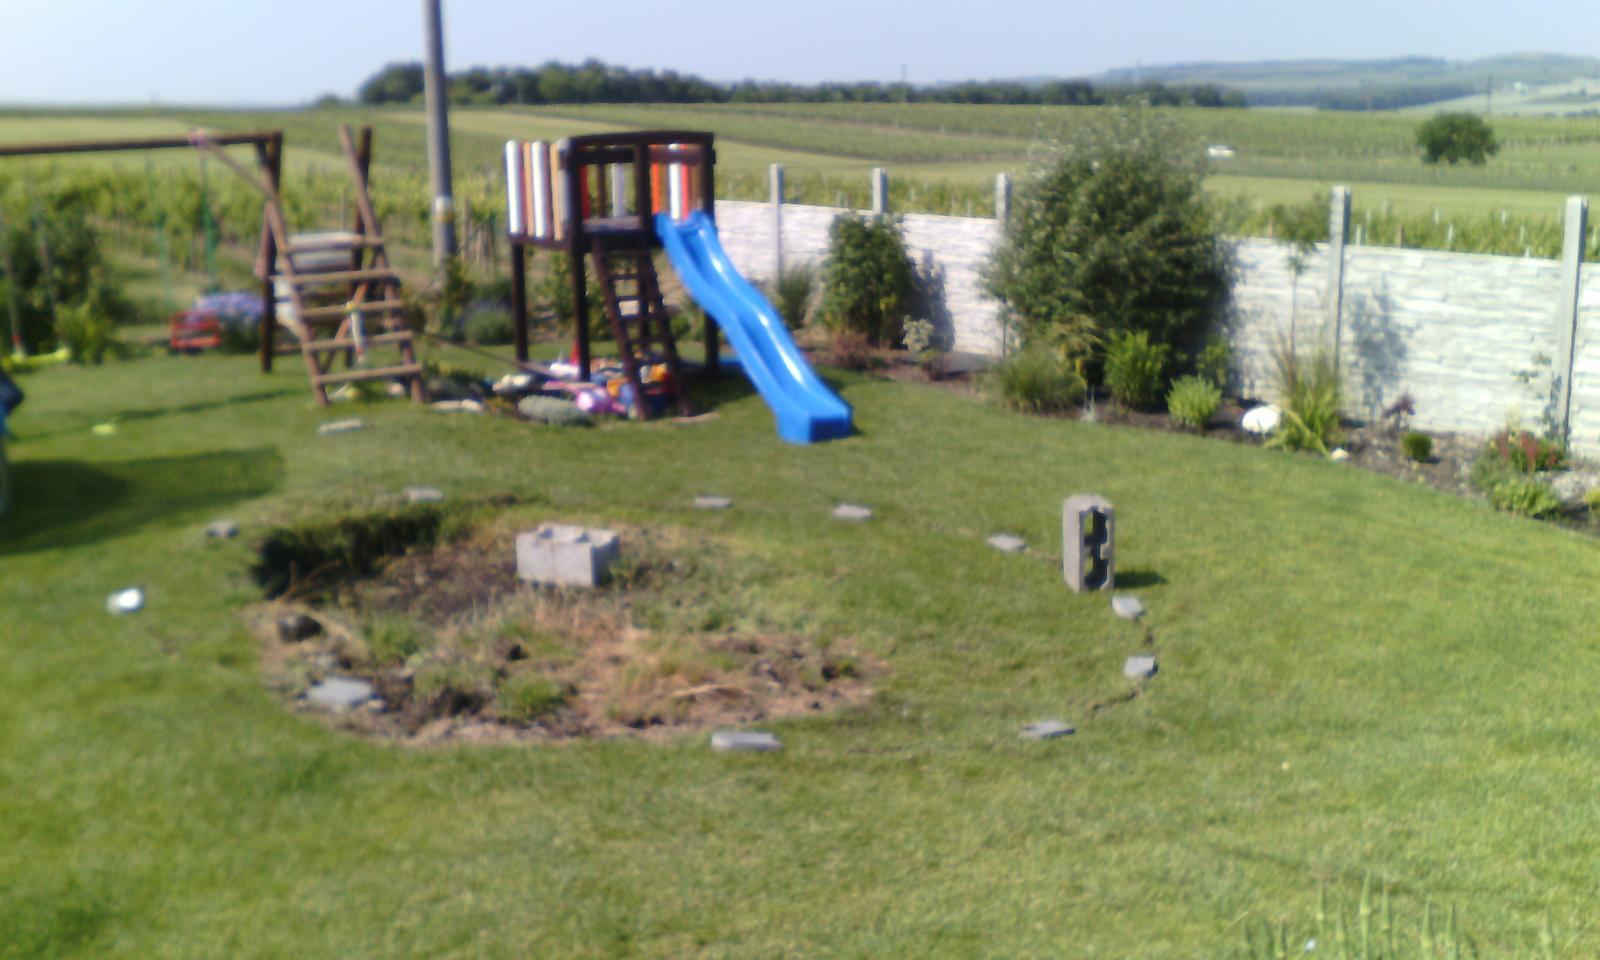 Bazén na zahradě - vyměřený prostor